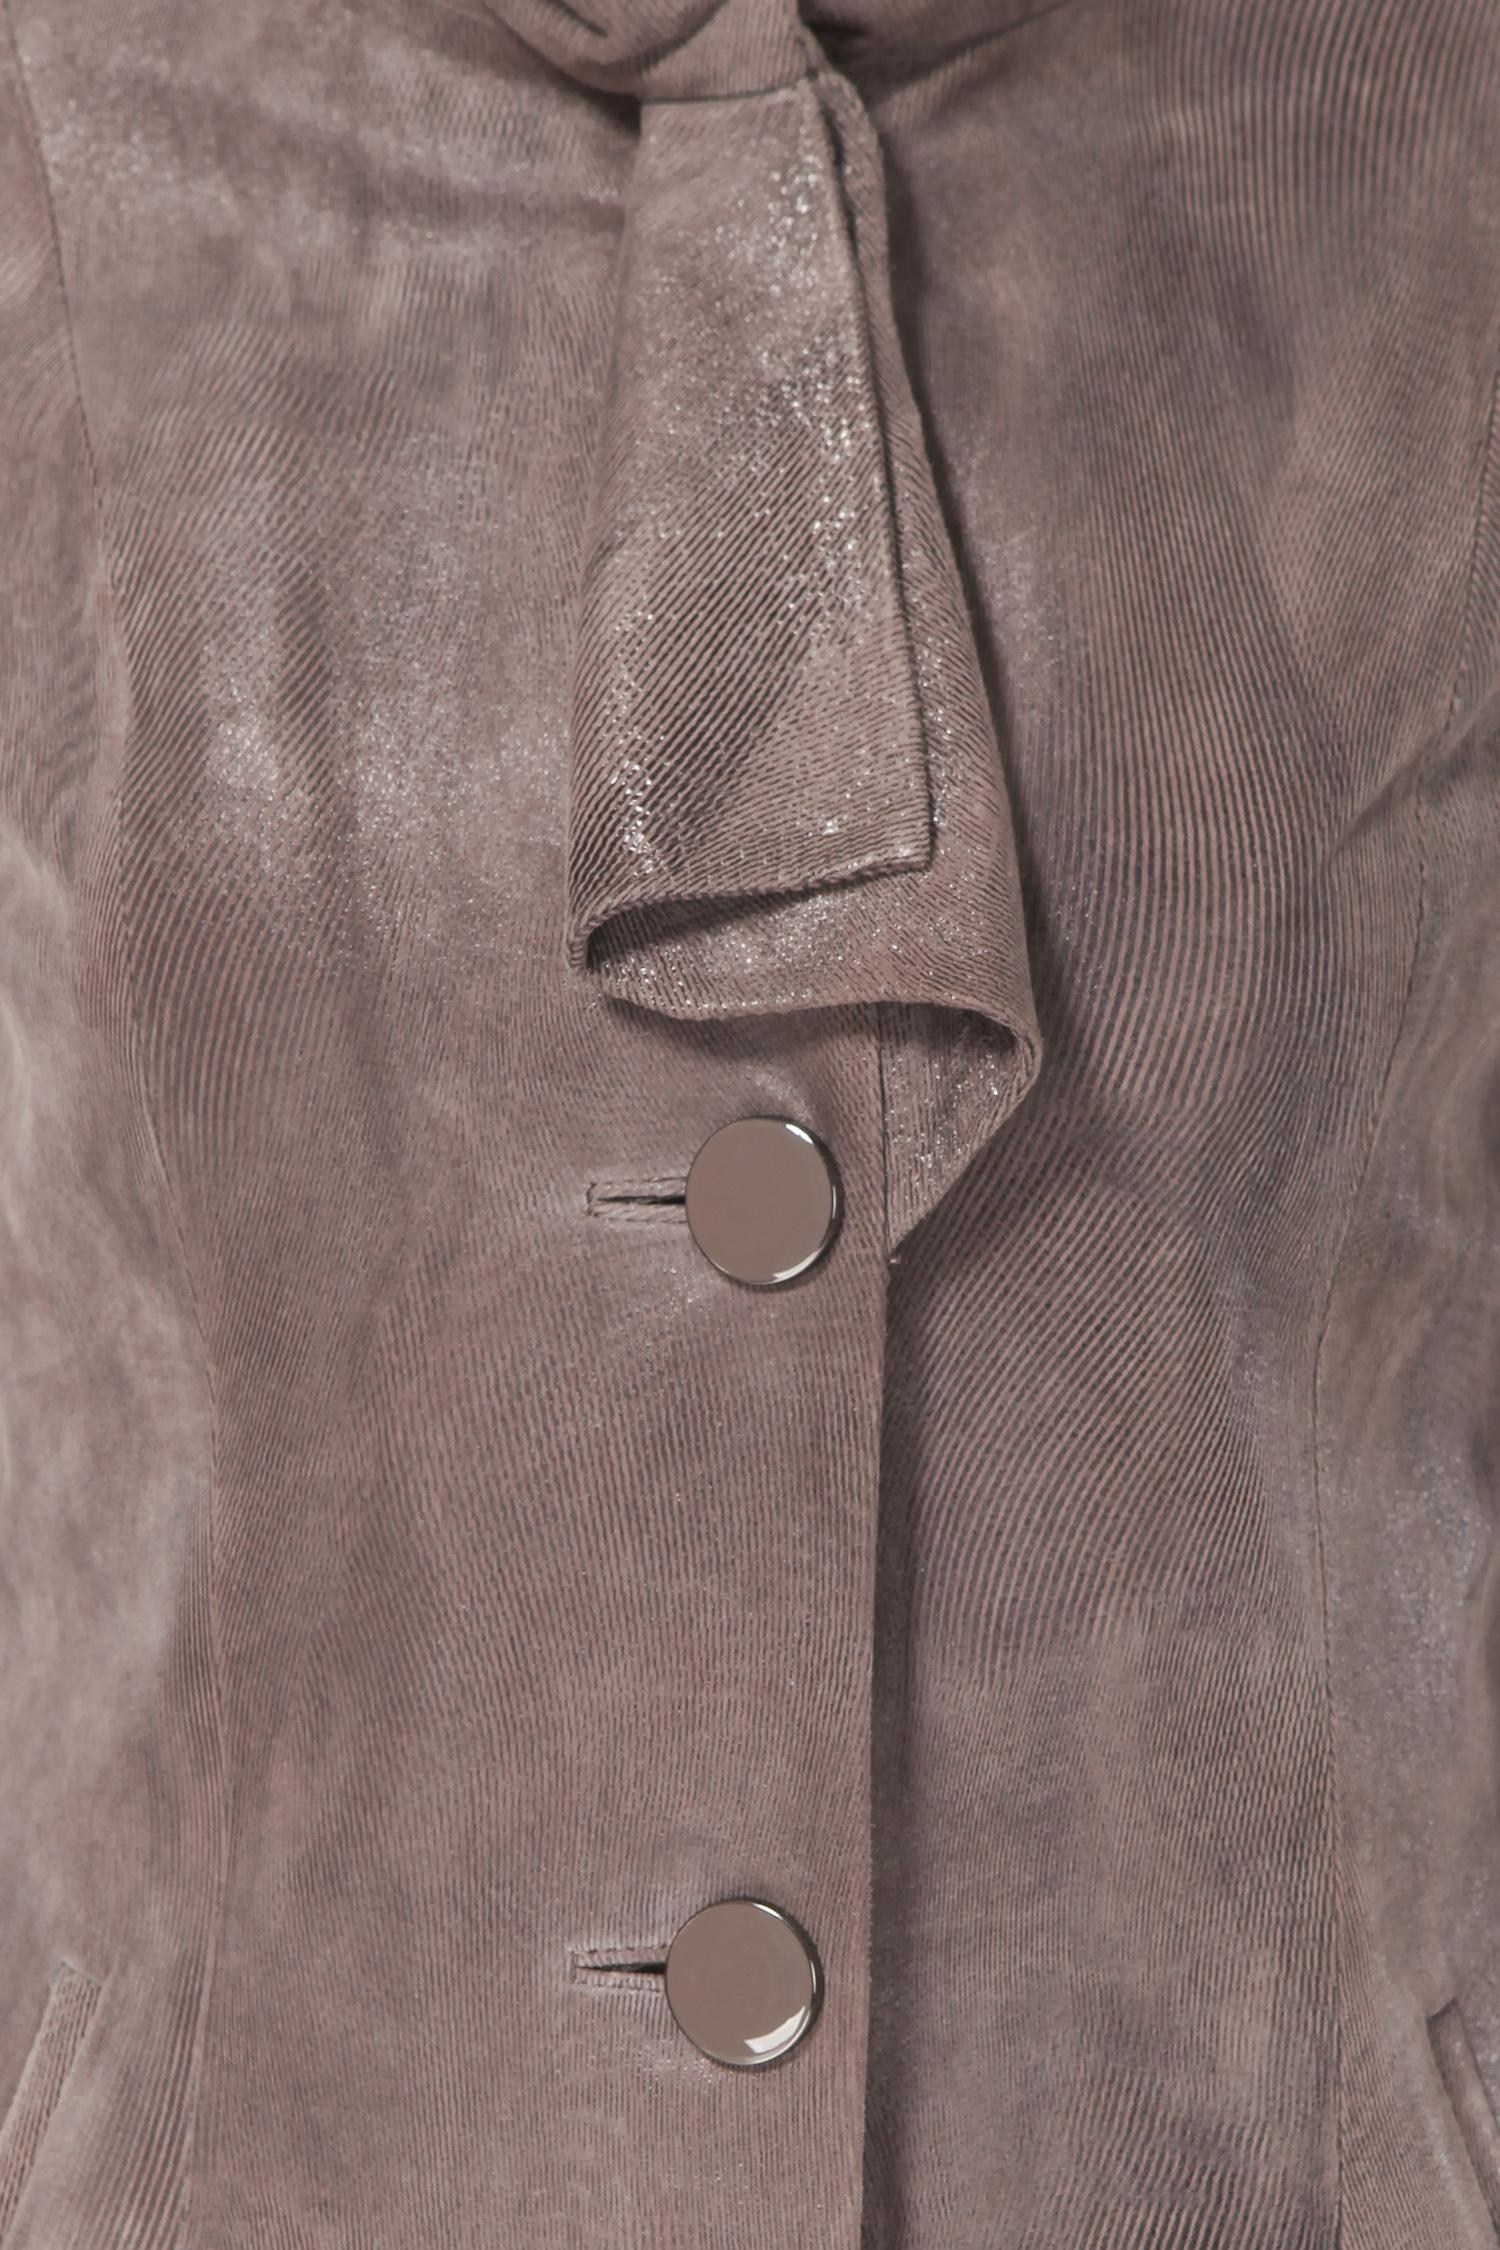 Фото 7 - Женская кожаная куртка из натуральной замши (с накатом) с воротником от МОСМЕХА бежевого цвета